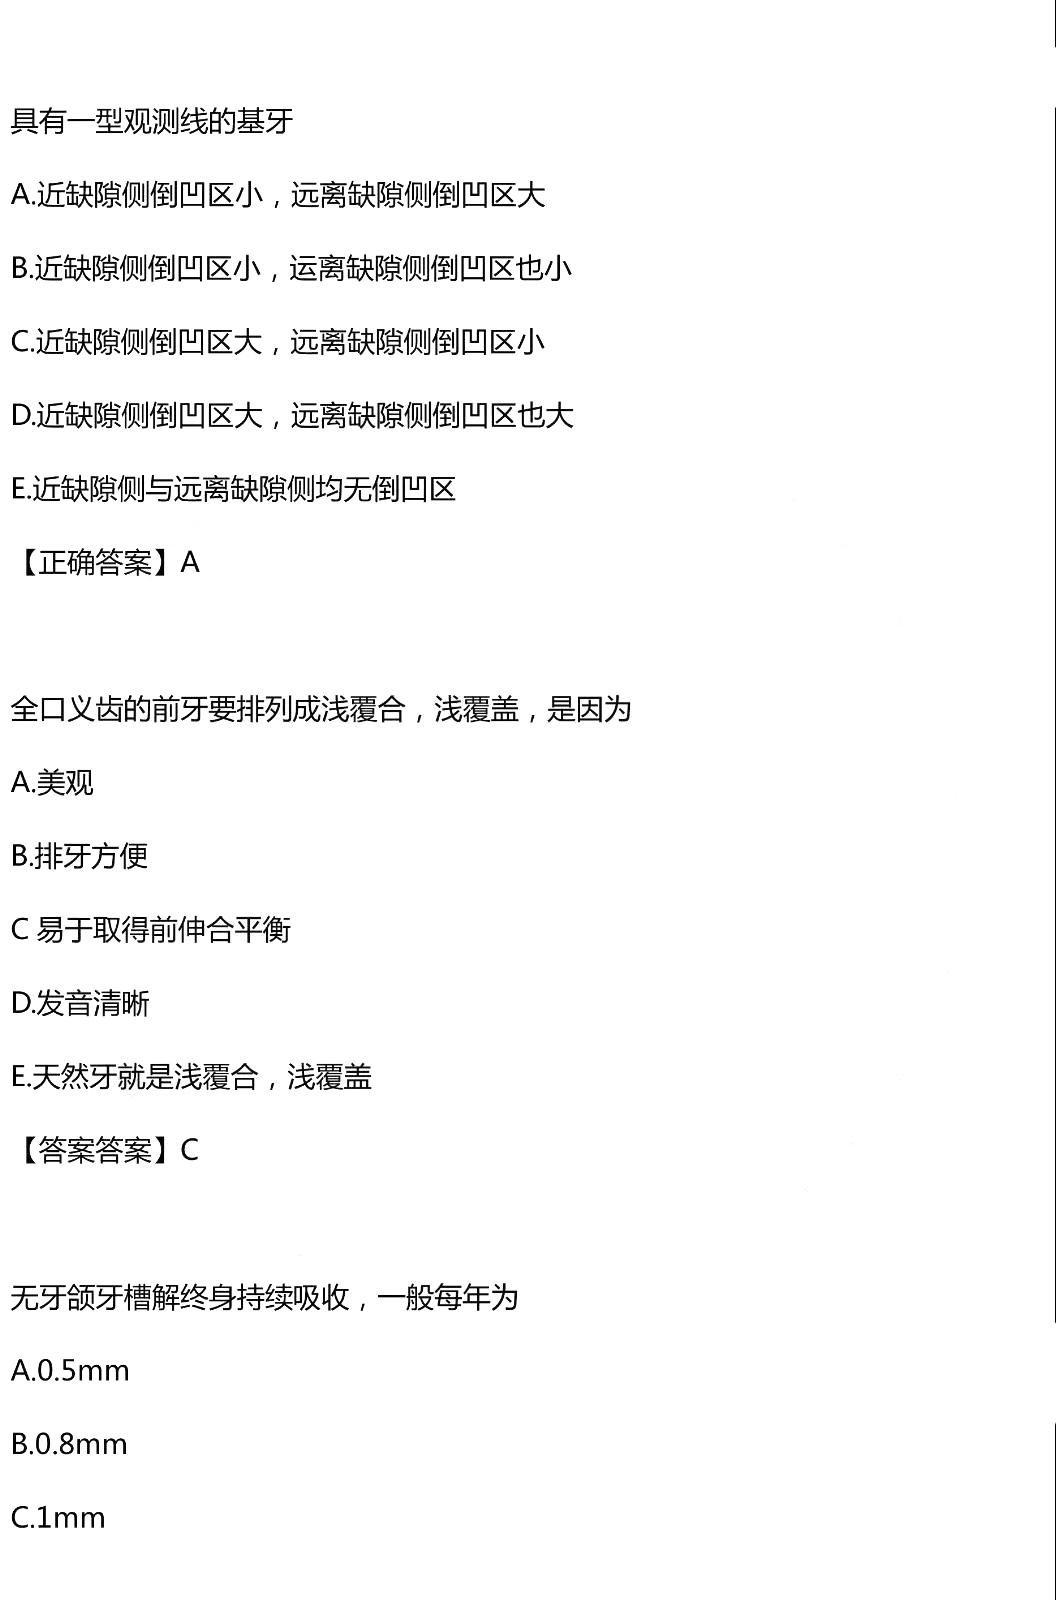 2019年口腔助理医师综合笔试真题及答案(网友版1)